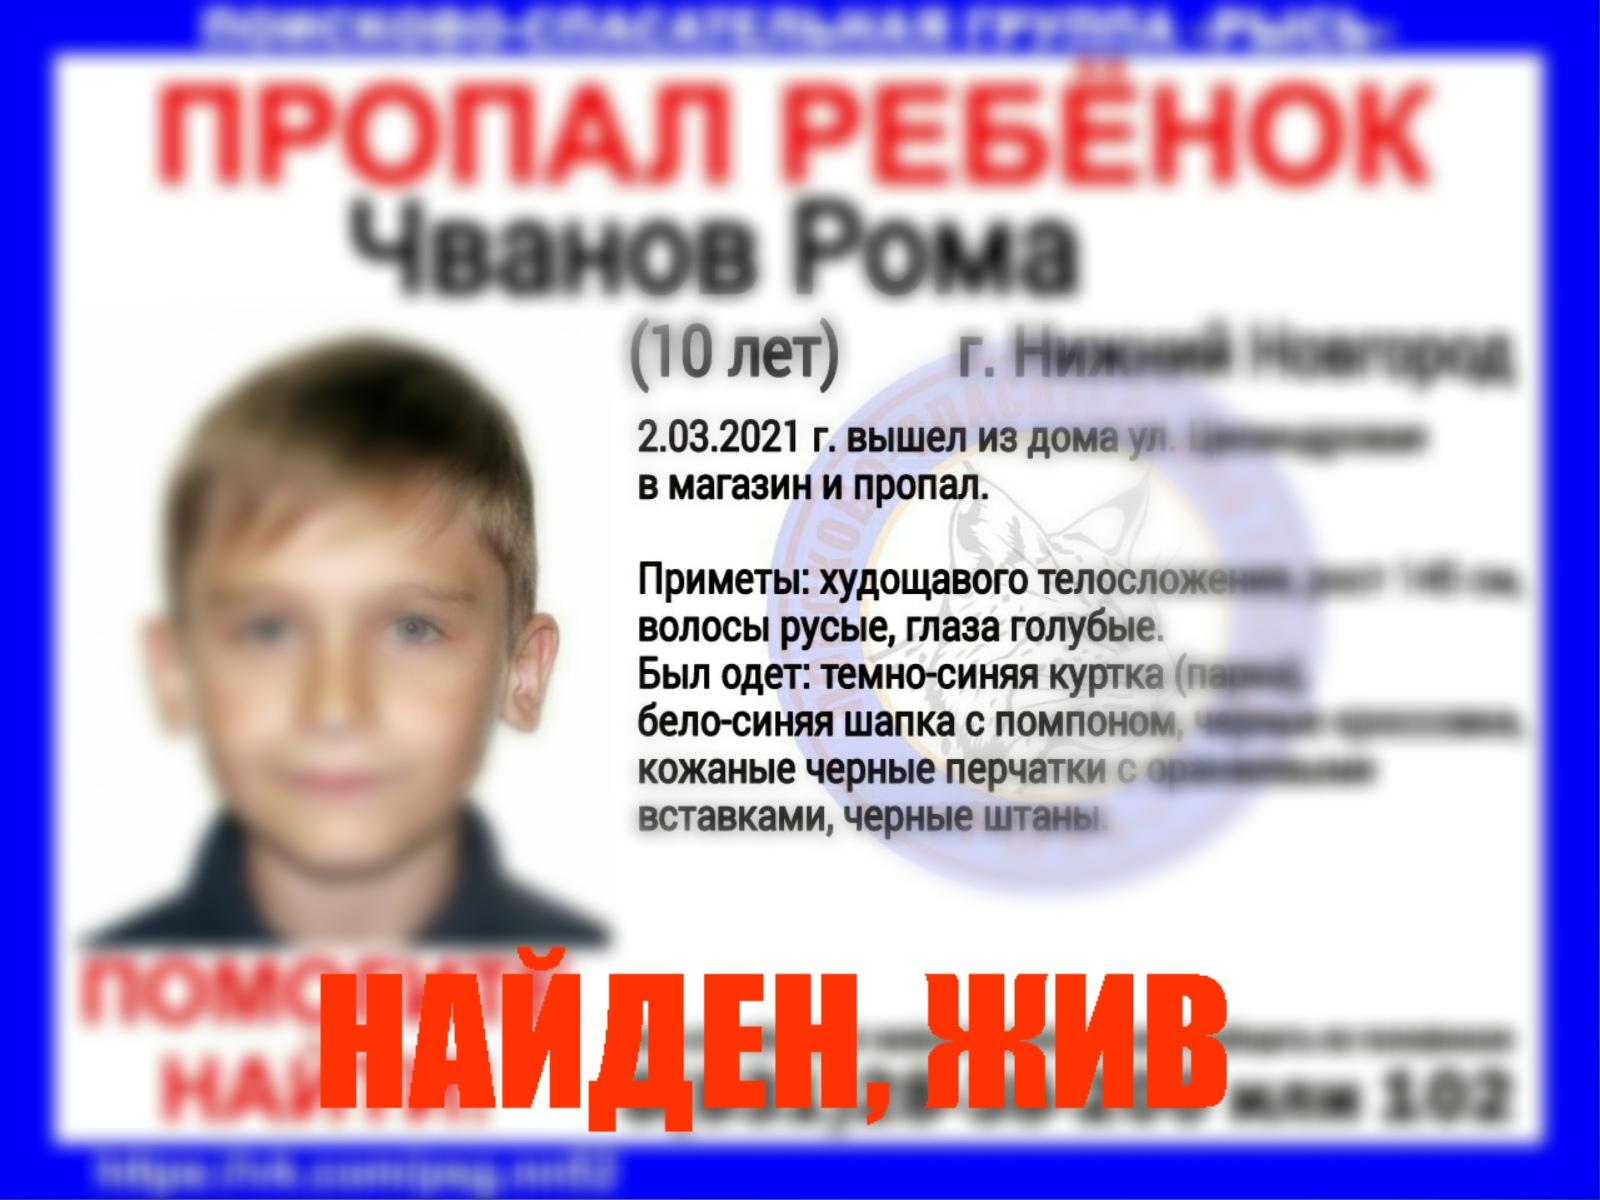 Чванов Рома